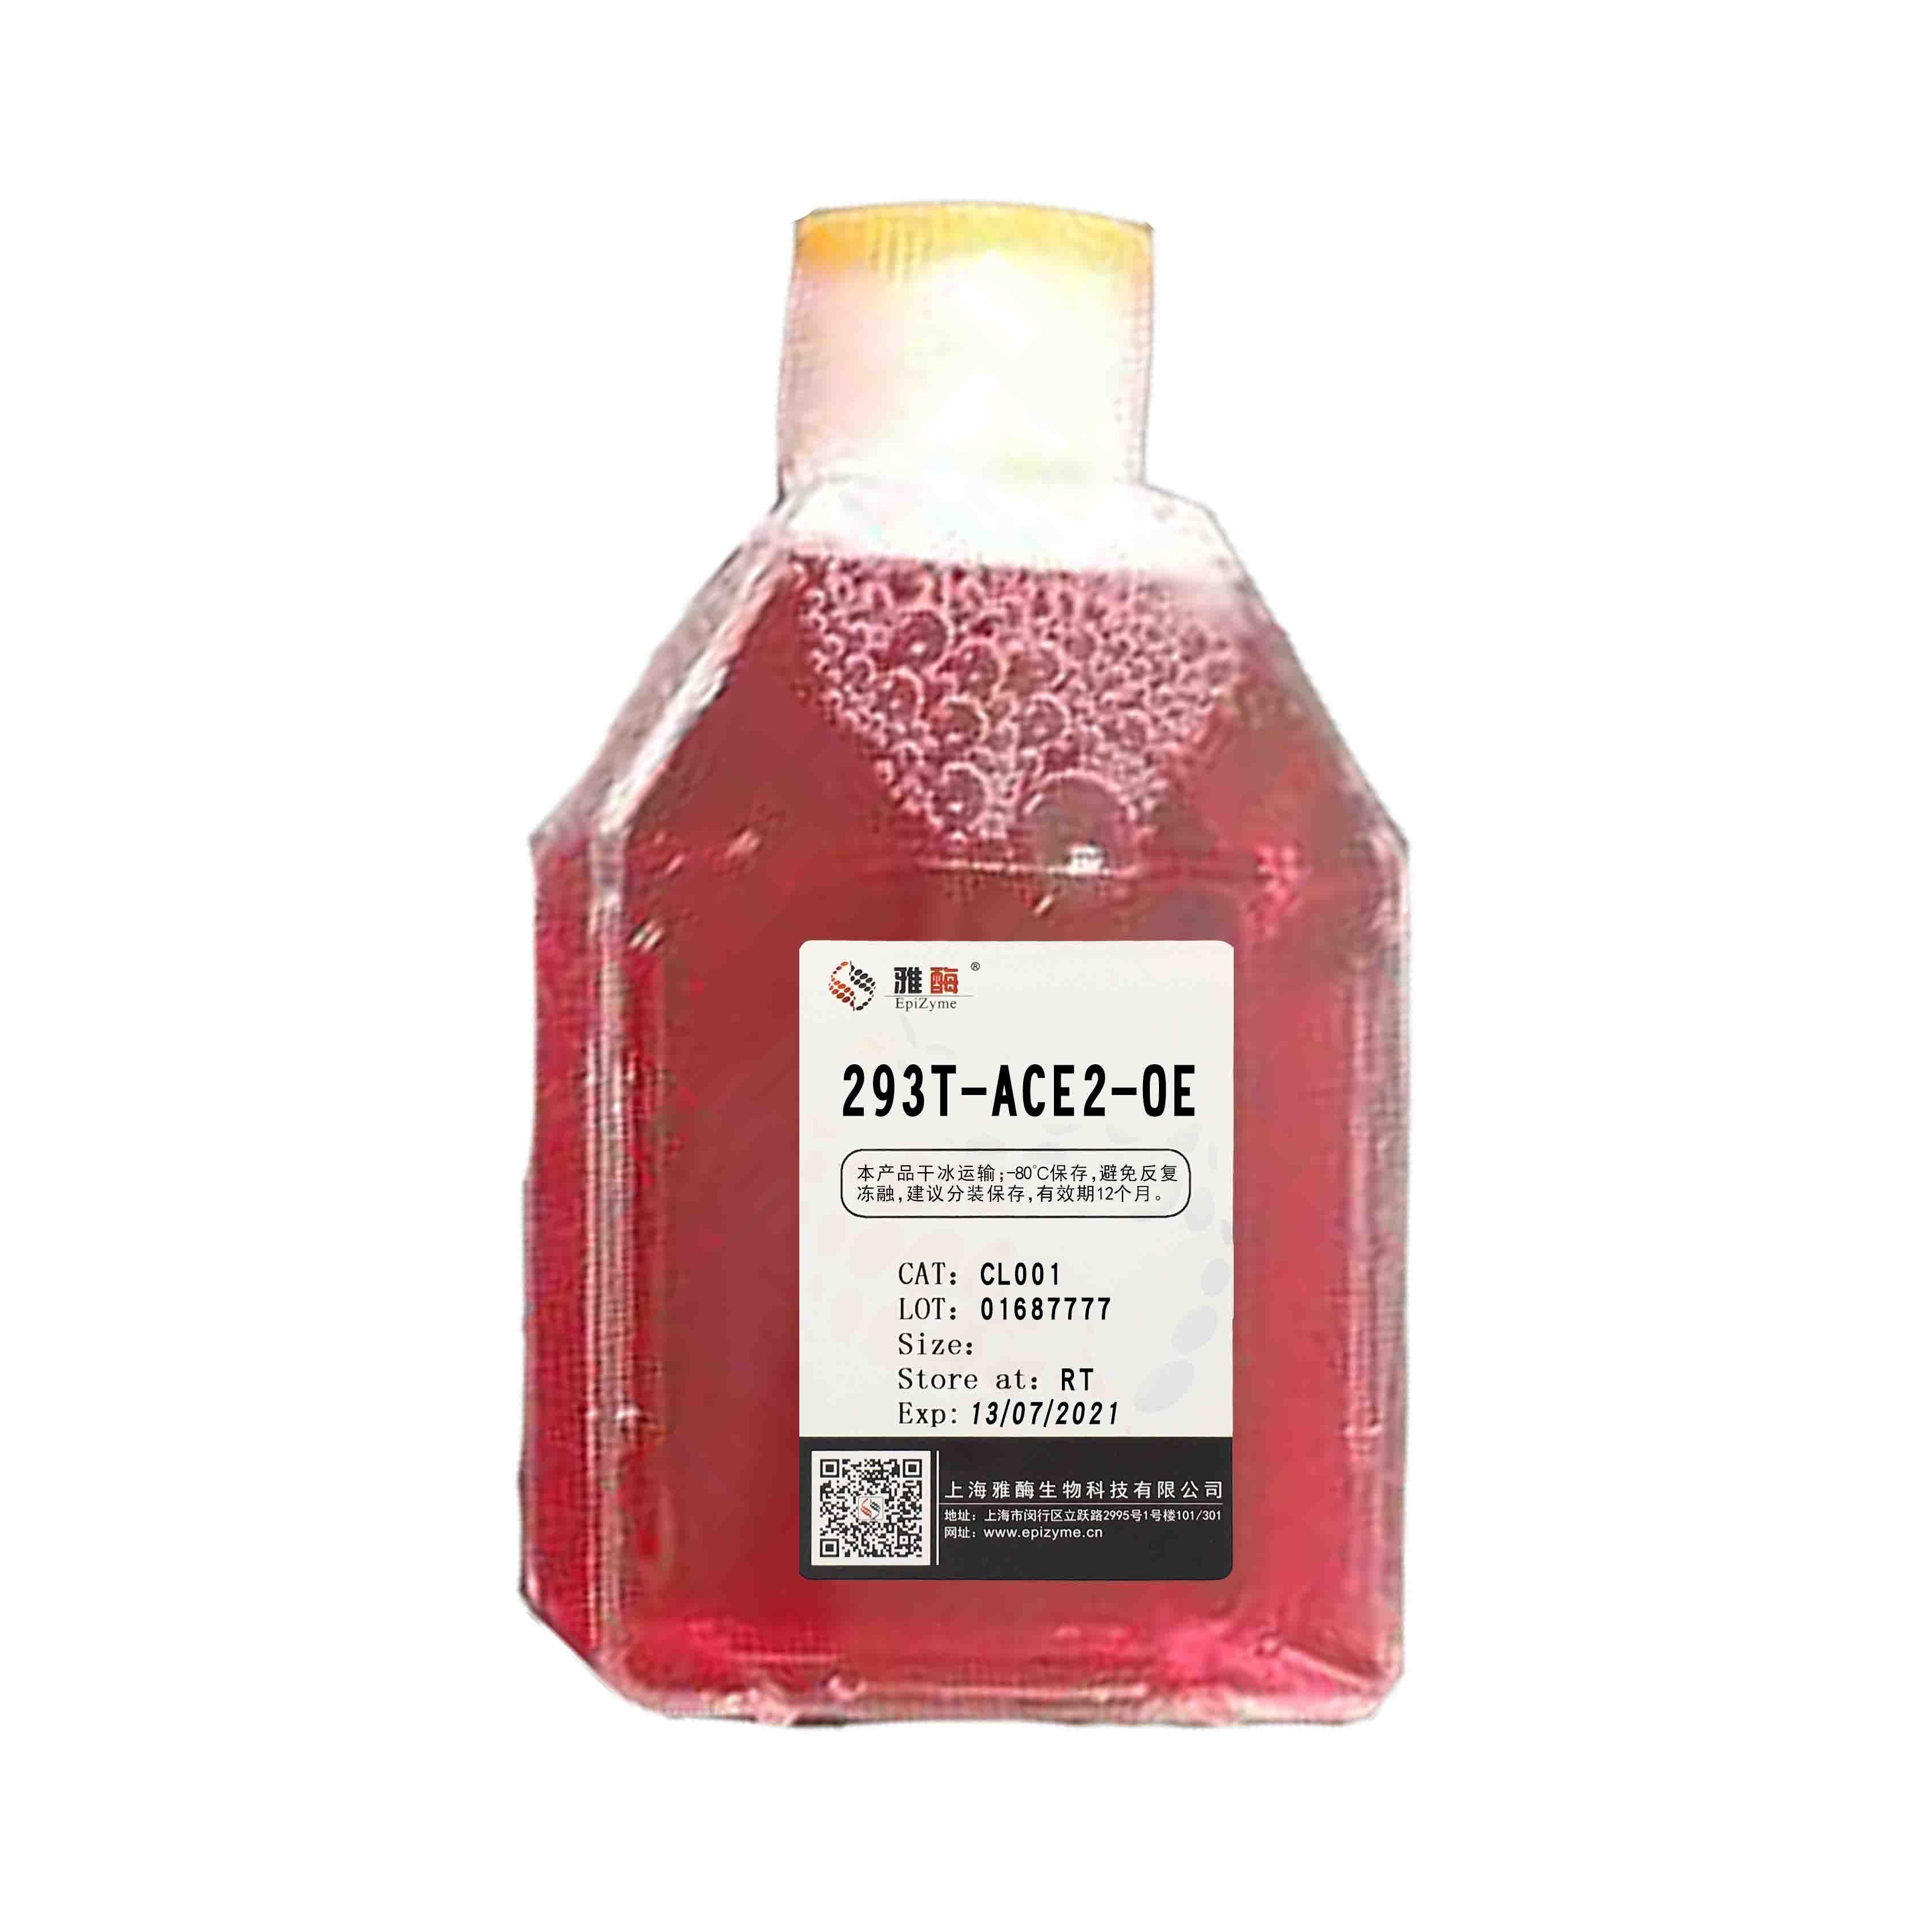 CL001  293T-ACE2-OE 细胞株